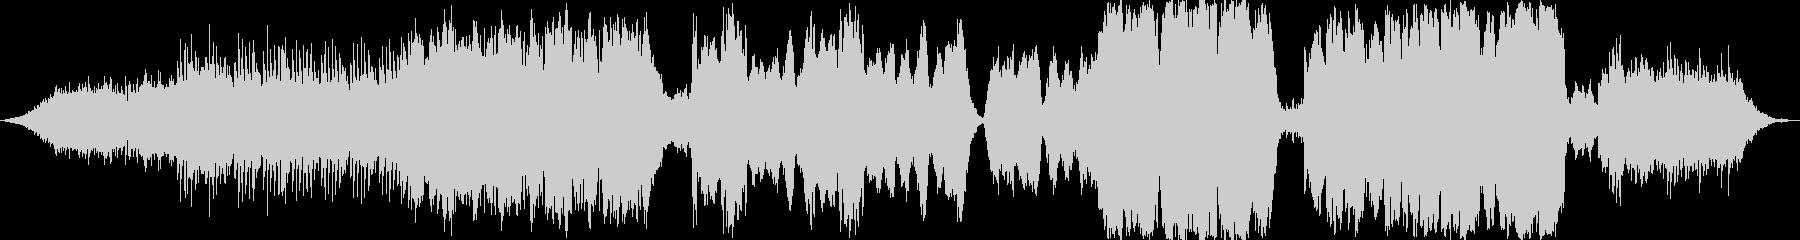 シネマティック サスペンス クール...の未再生の波形